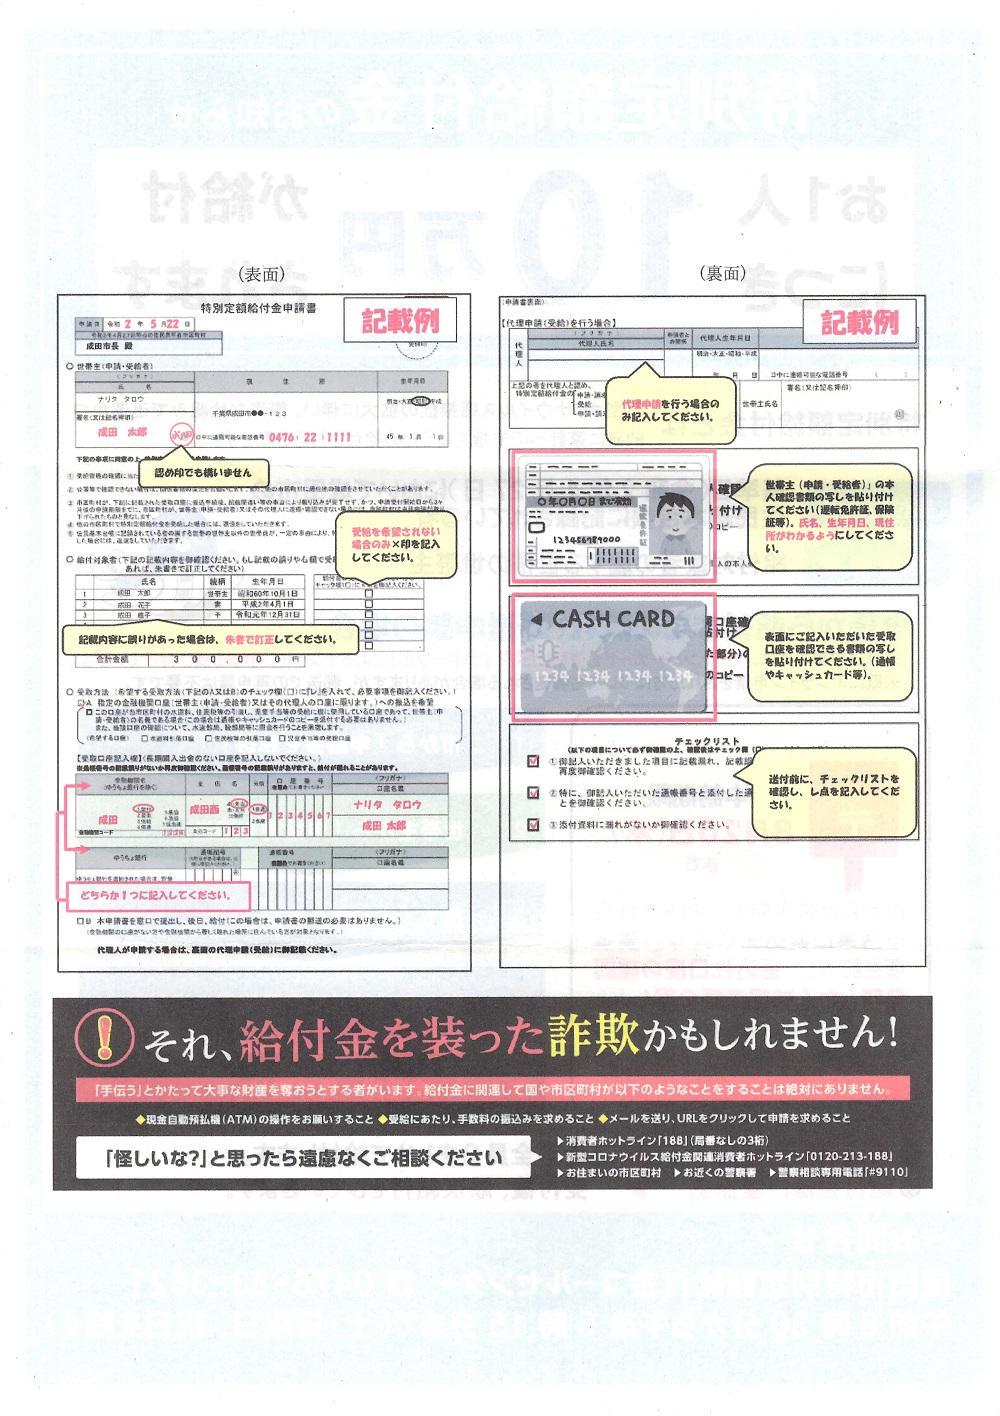 10 万 円 給付 明石 市 神戸新聞NEXT|明石|10万円給付金...